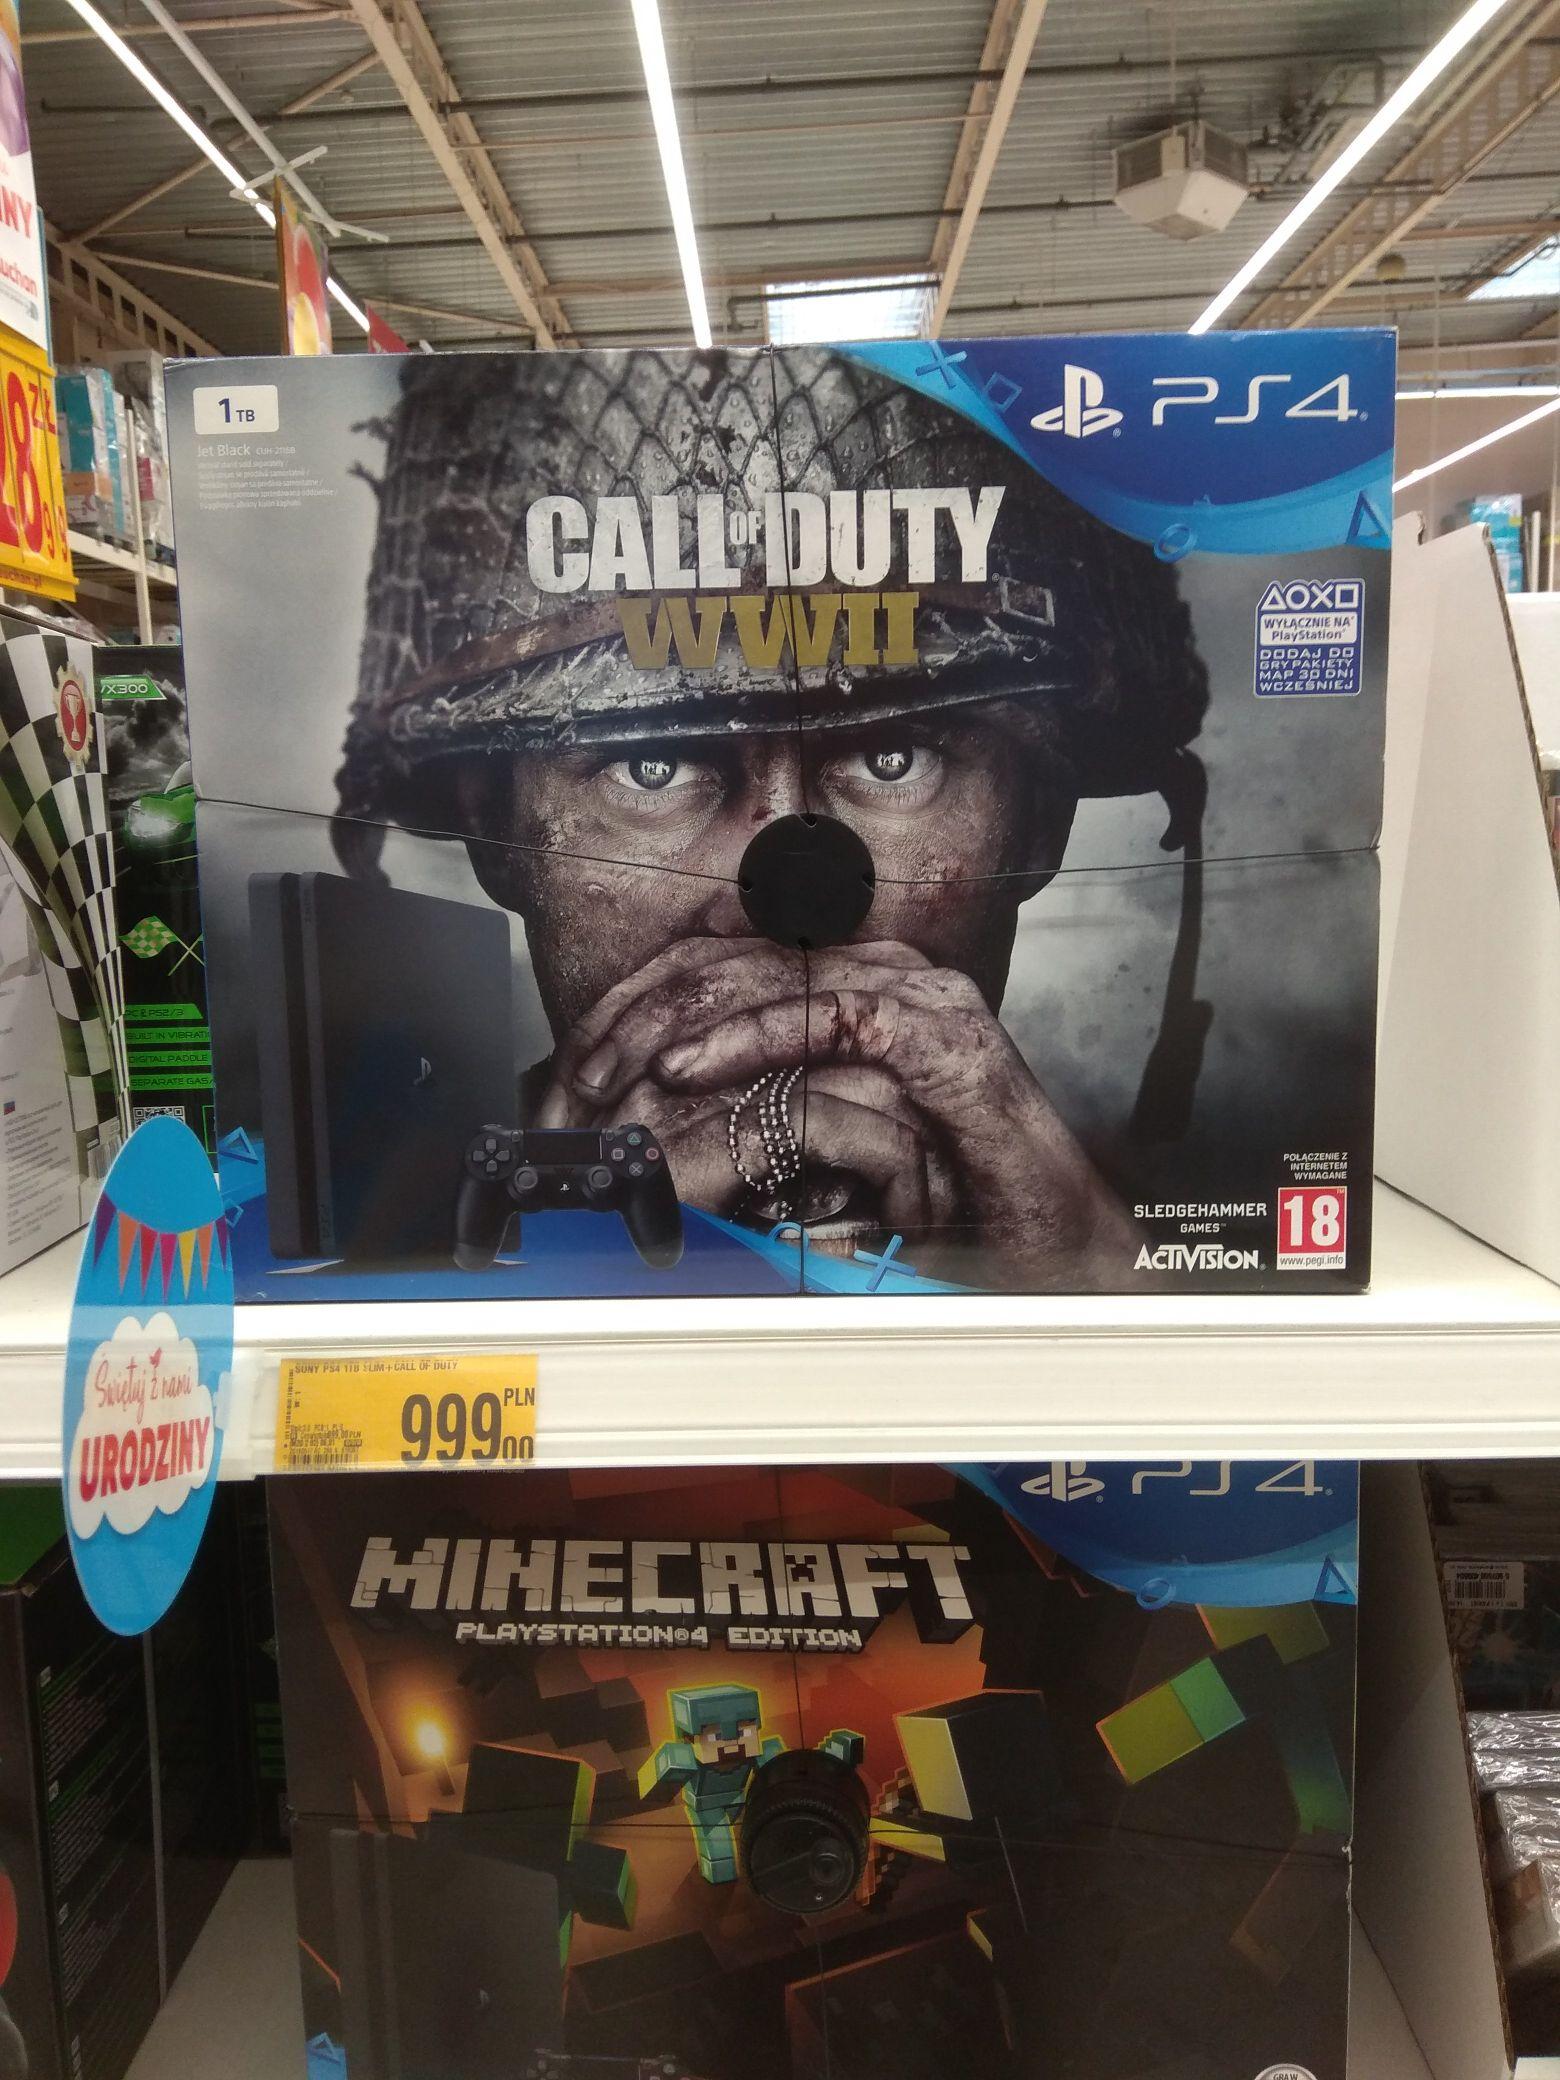 PS4 SLIM 1TB + COD WWII za 999 zł w Auchan